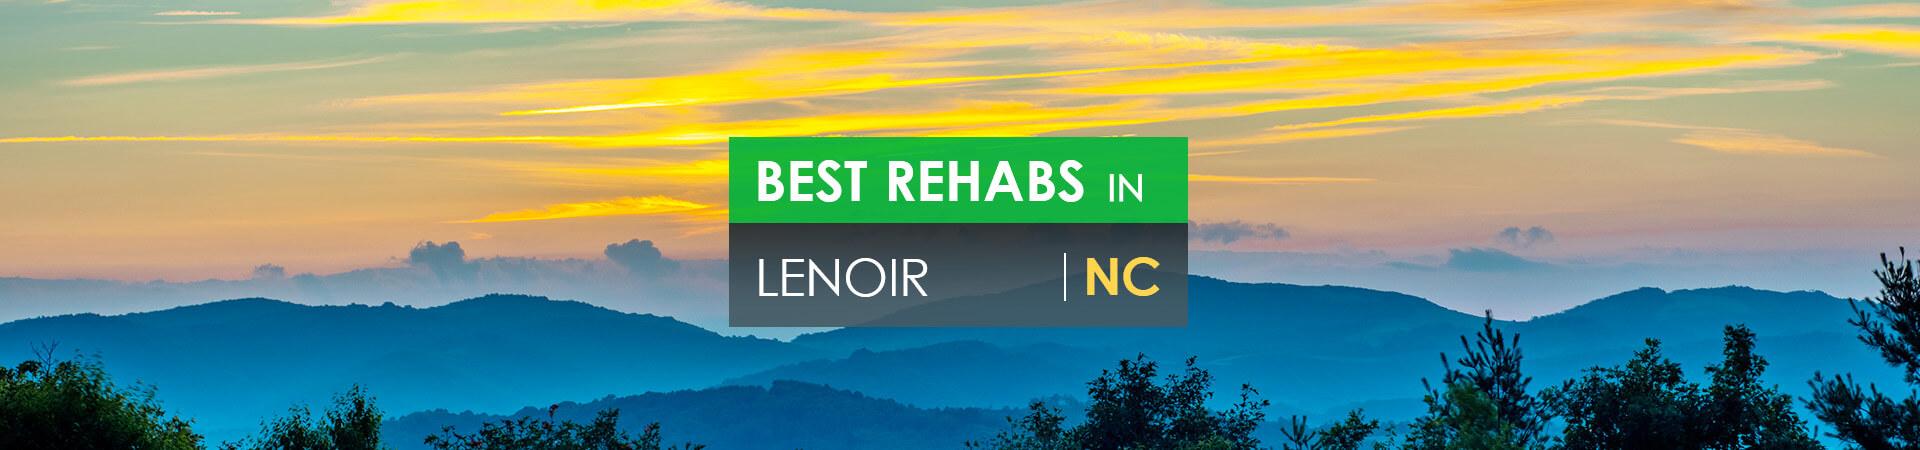 Best rehabs in Lenoir, NC